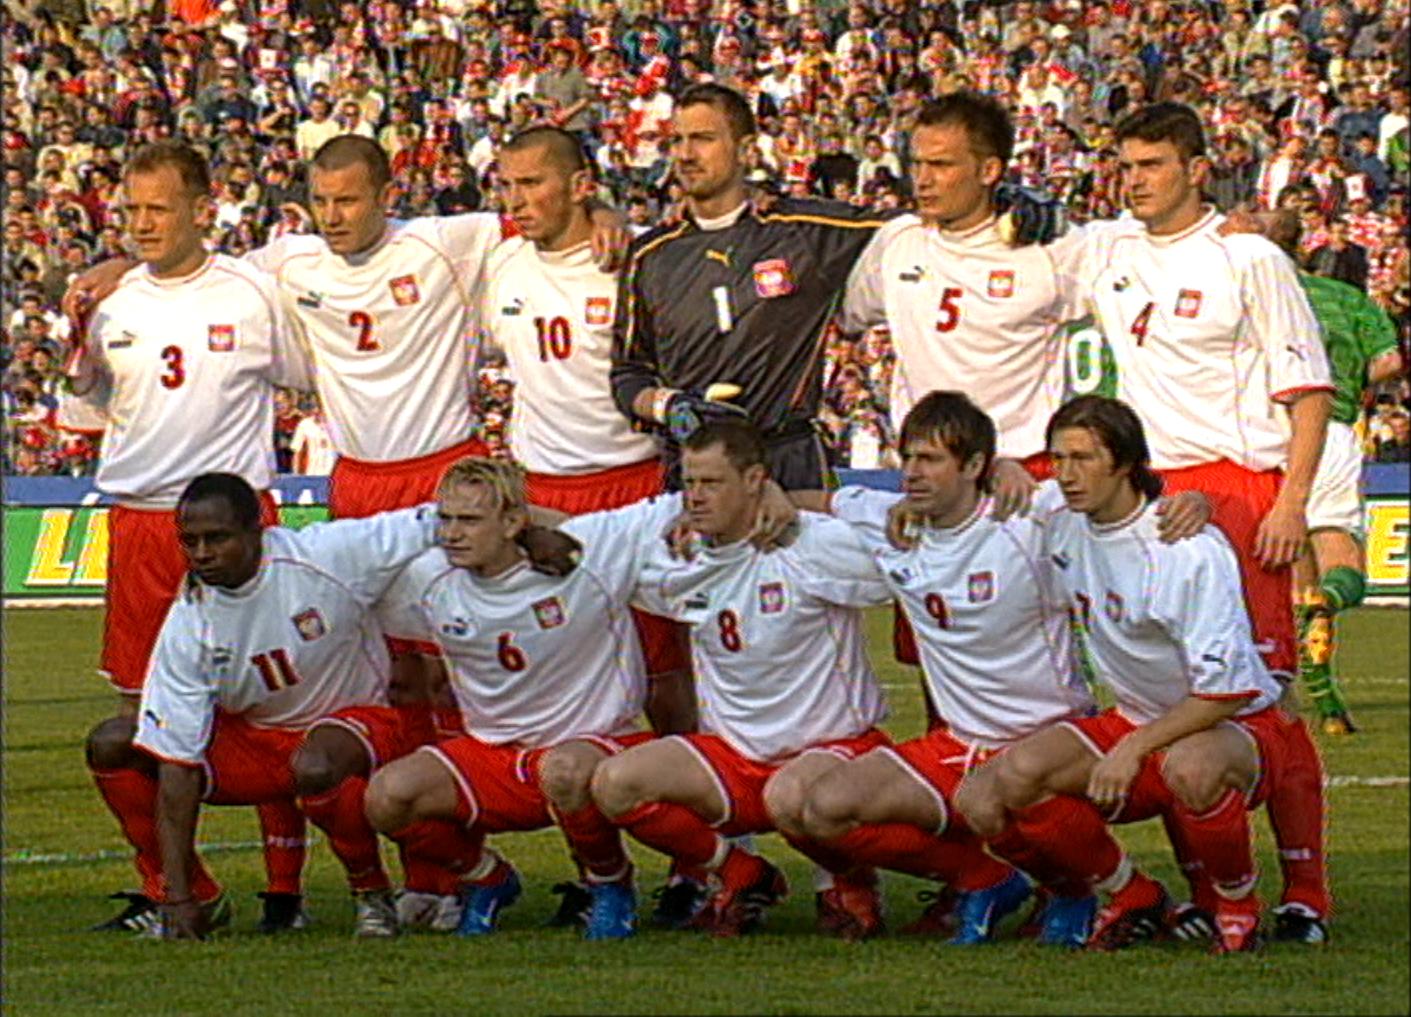 Zdjęcie grupowe reprezentacji Polski przed meczem towarzyskim z Irlandią w 2004 roku w Bydgoszczy.